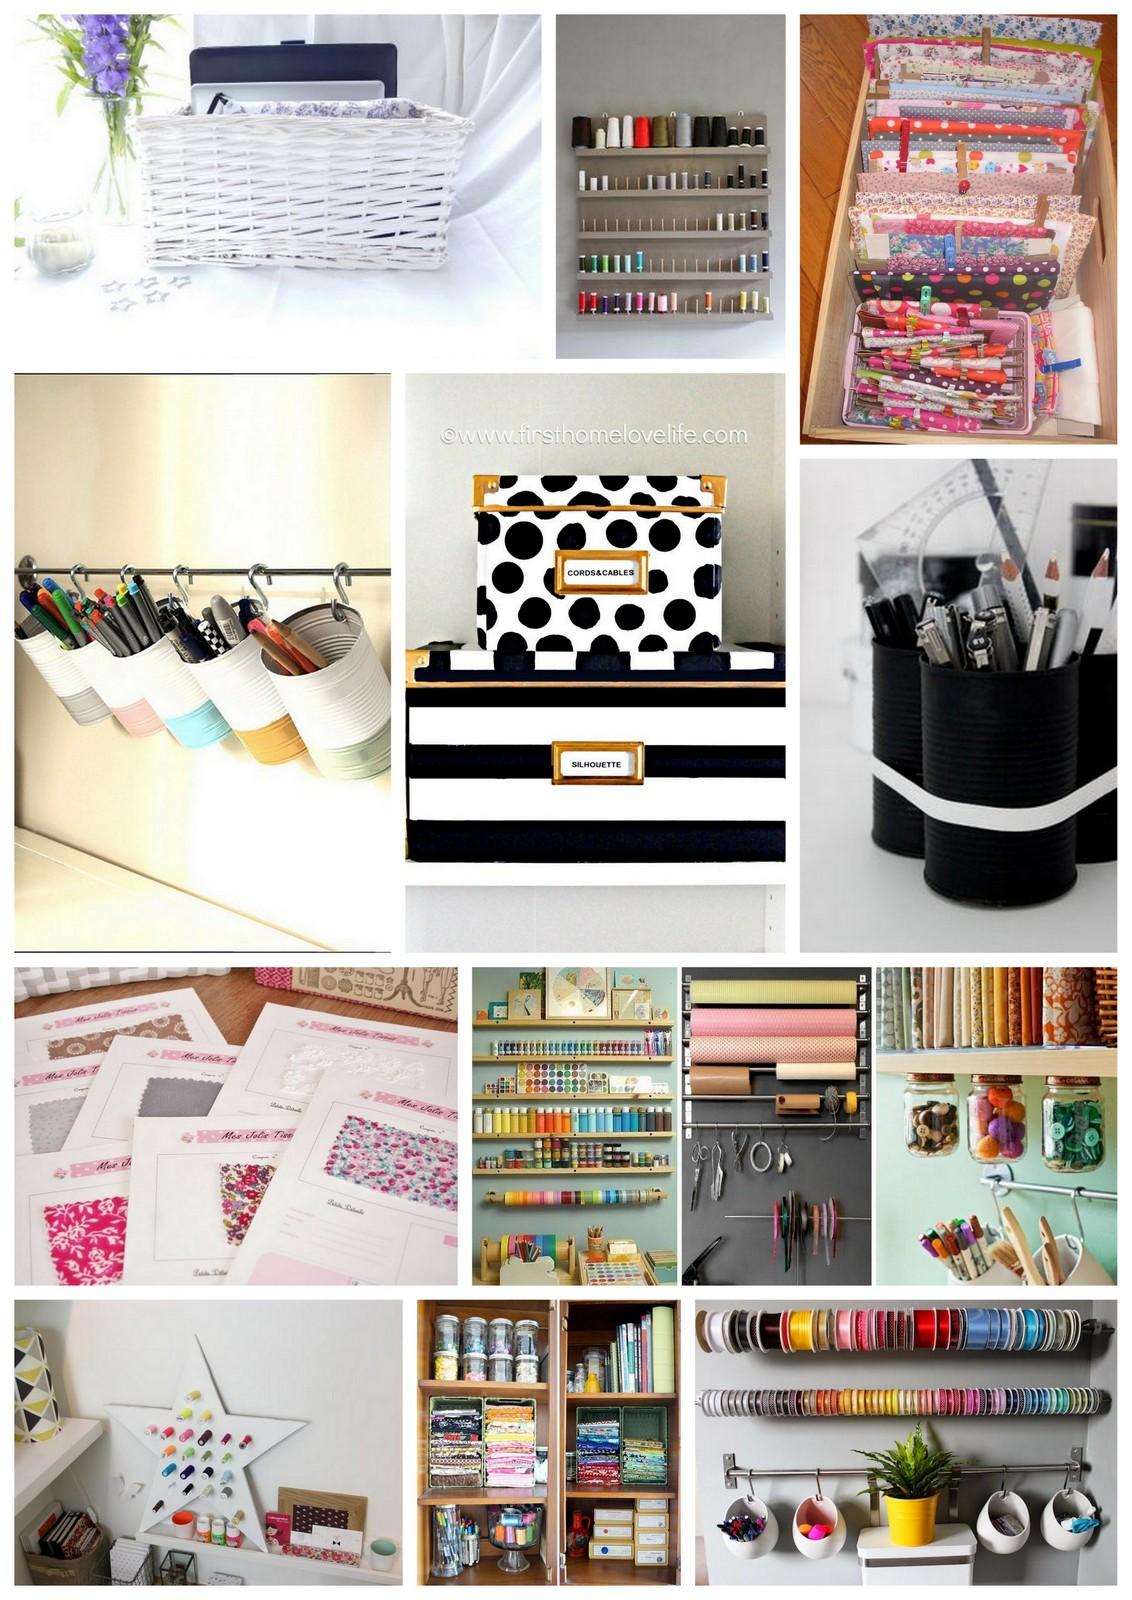 Home Staging Projet D Co Et Organisation D Un Bureau Et Espace De Couture Mon Carnet D Co